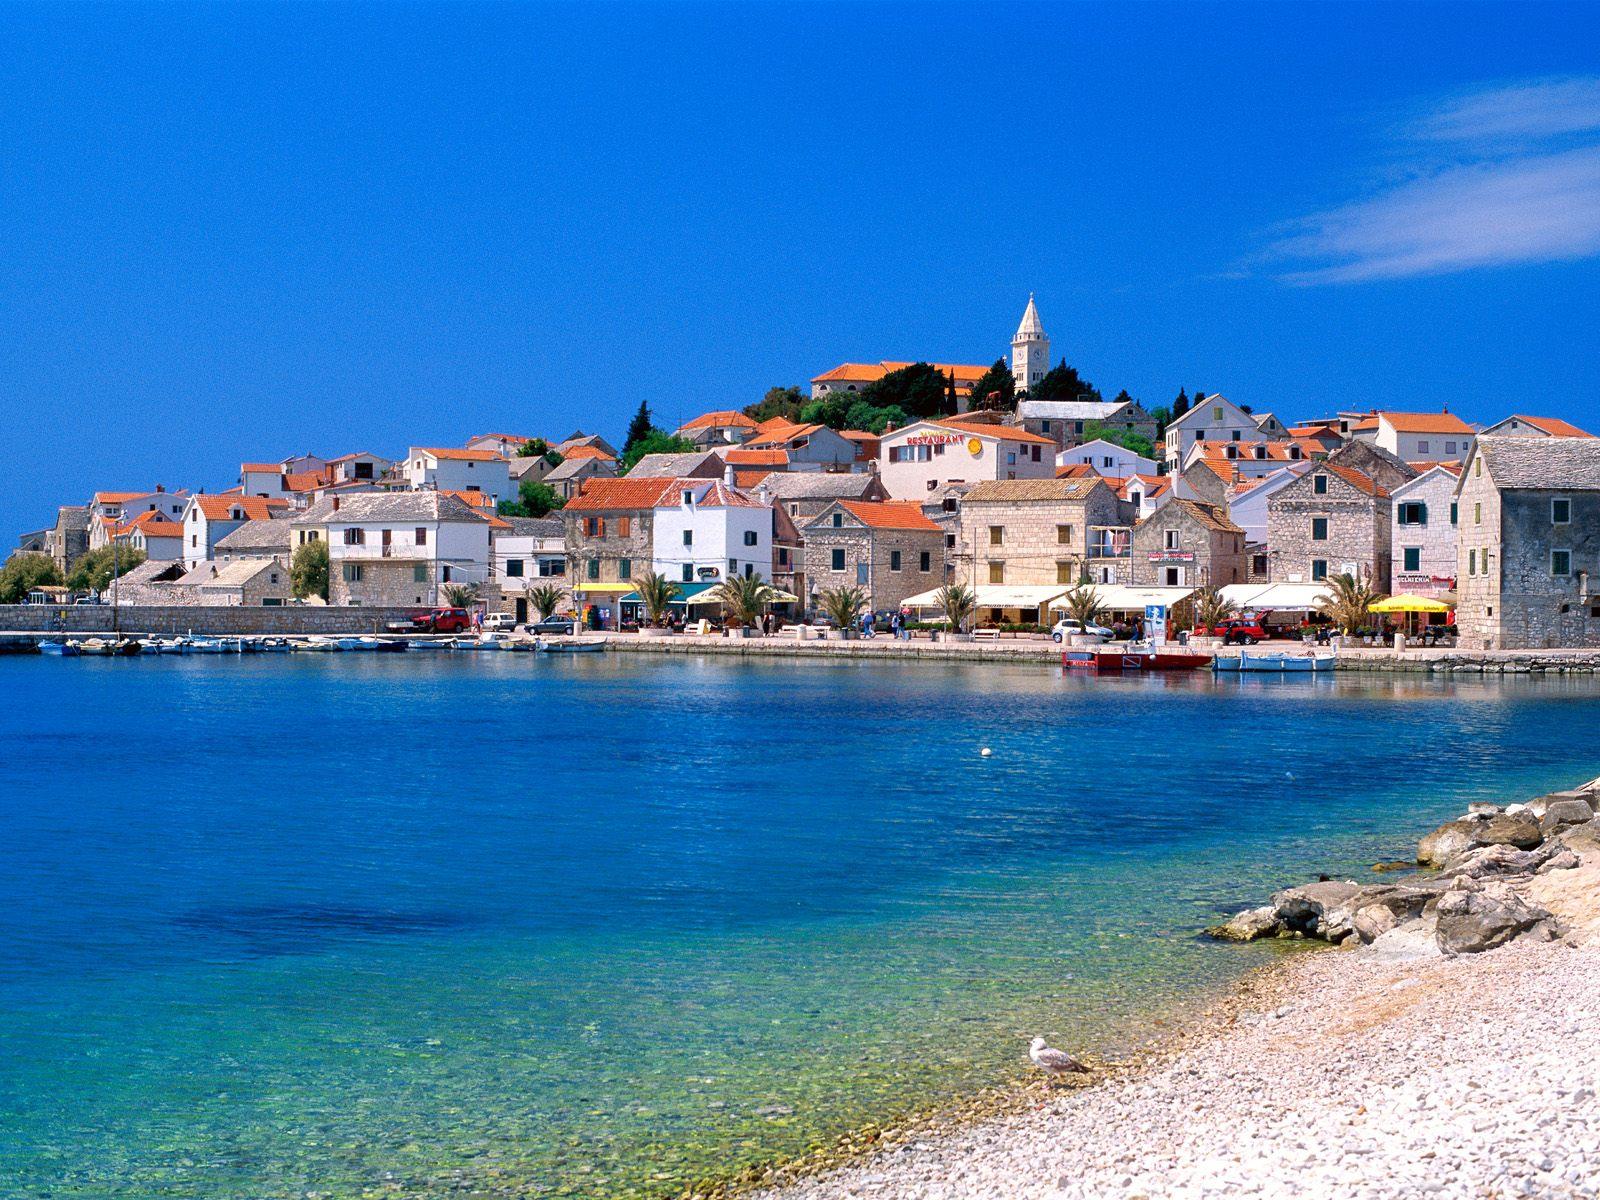 Croatia & Venice